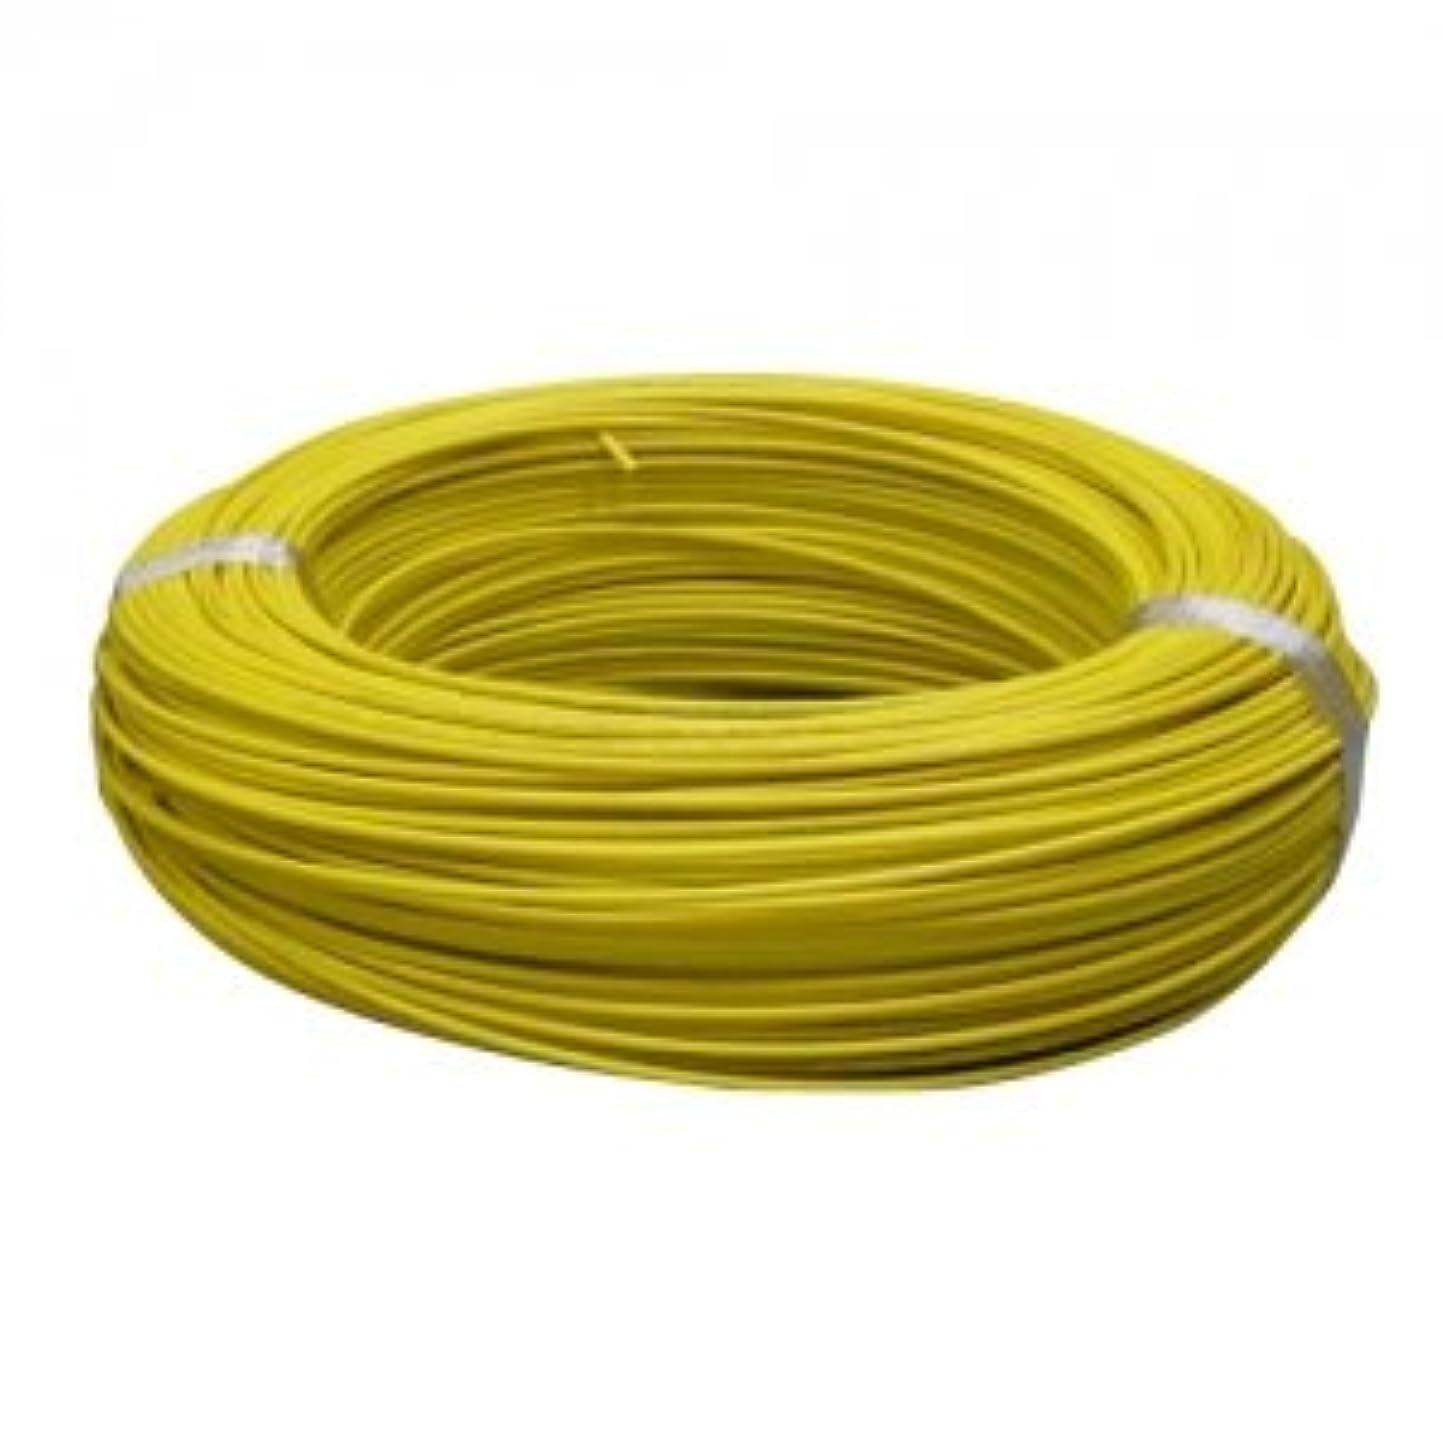 見かけ上職人縮約住電日立ケーブル 600V ビニル絶縁電線 アース線 より線 1.25? 300m巻 黄色 IV1.25SQ×300mキイロ